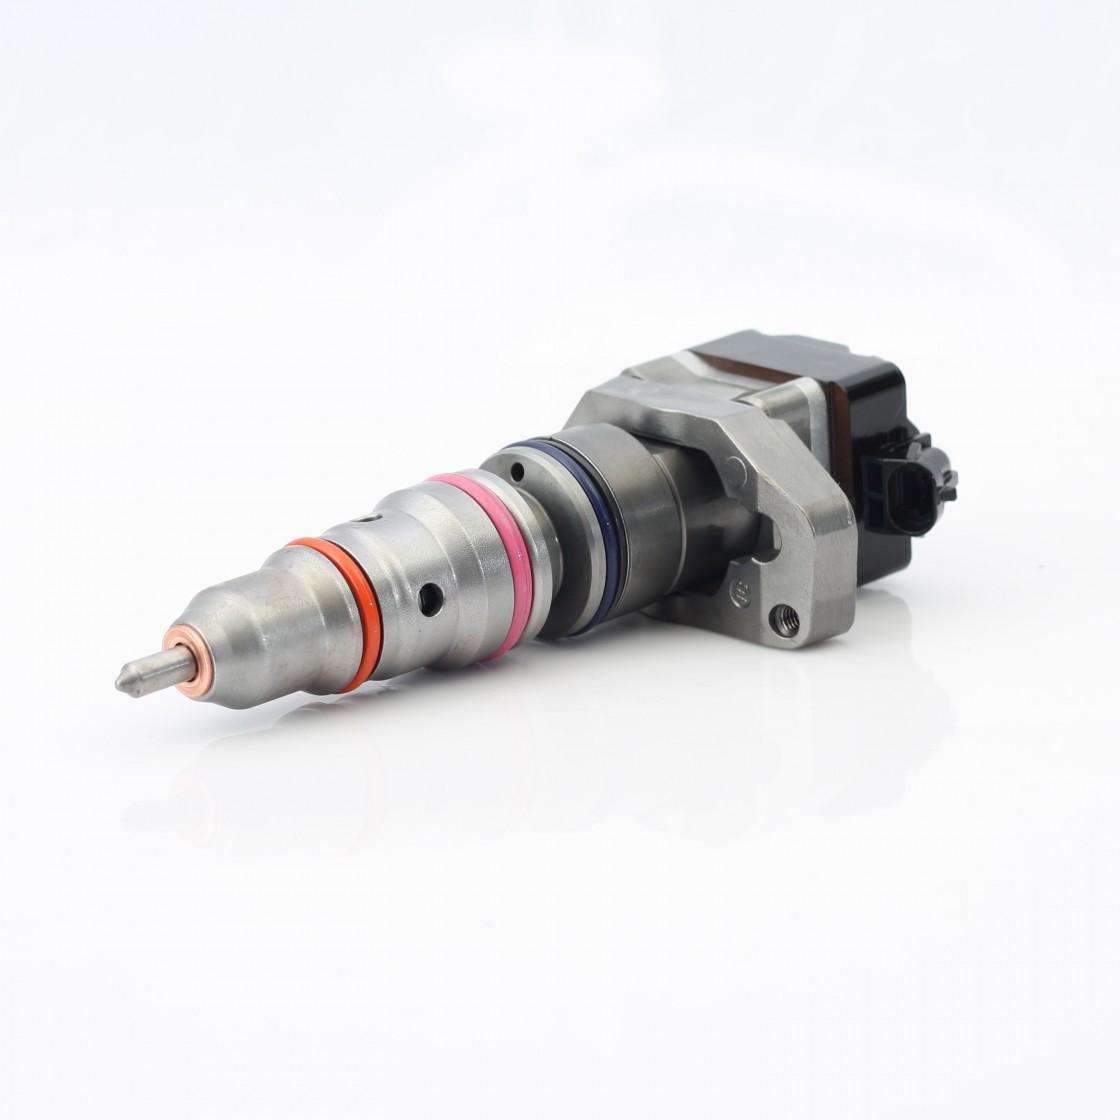 DEUTZ 0445110119 injector